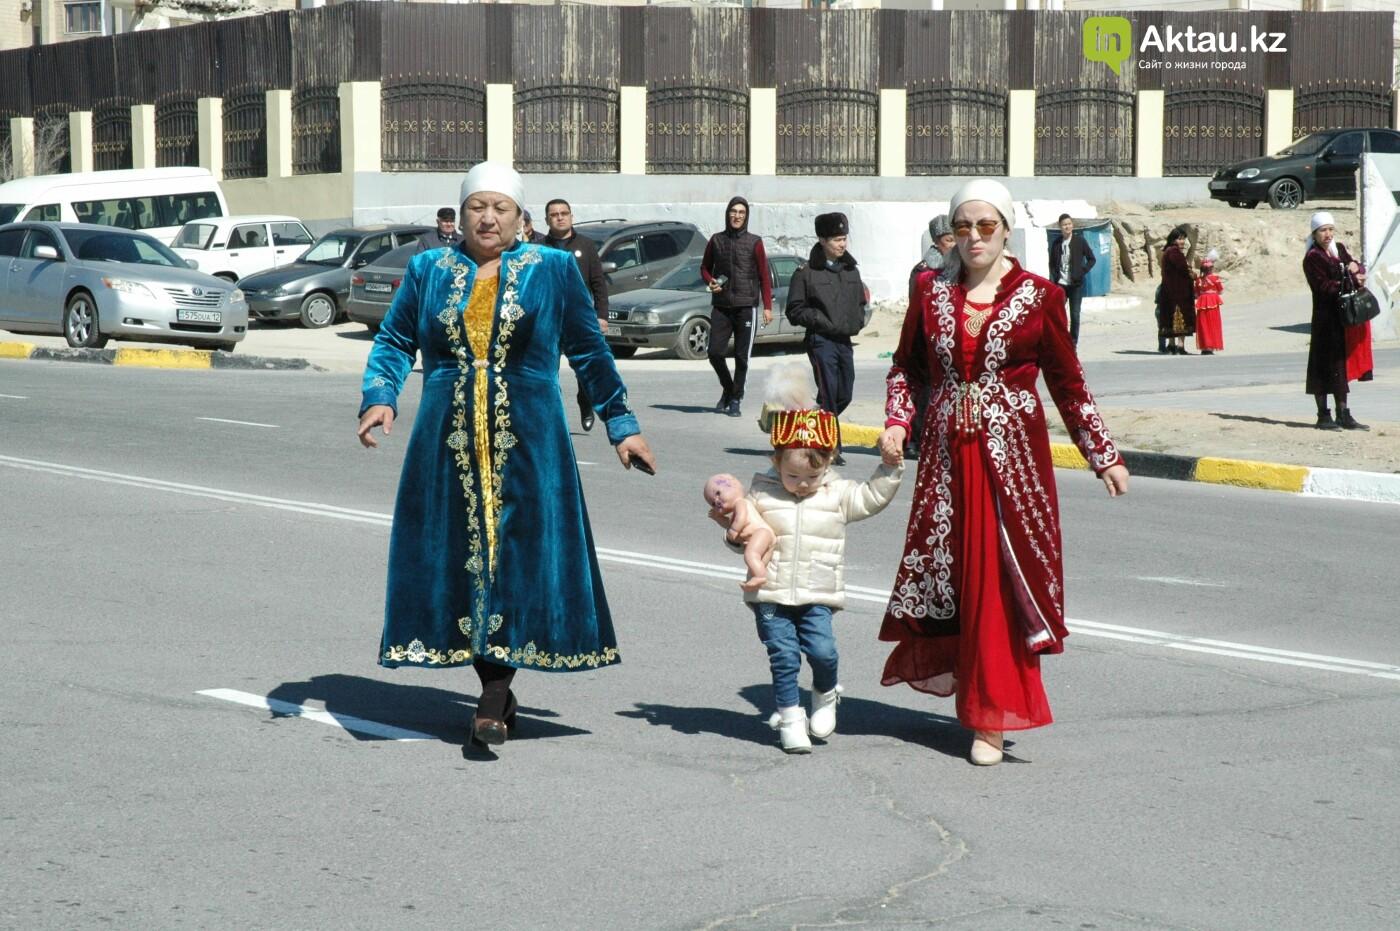 Актау празднует Наурыз мейрамы (ФОТО), фото-30